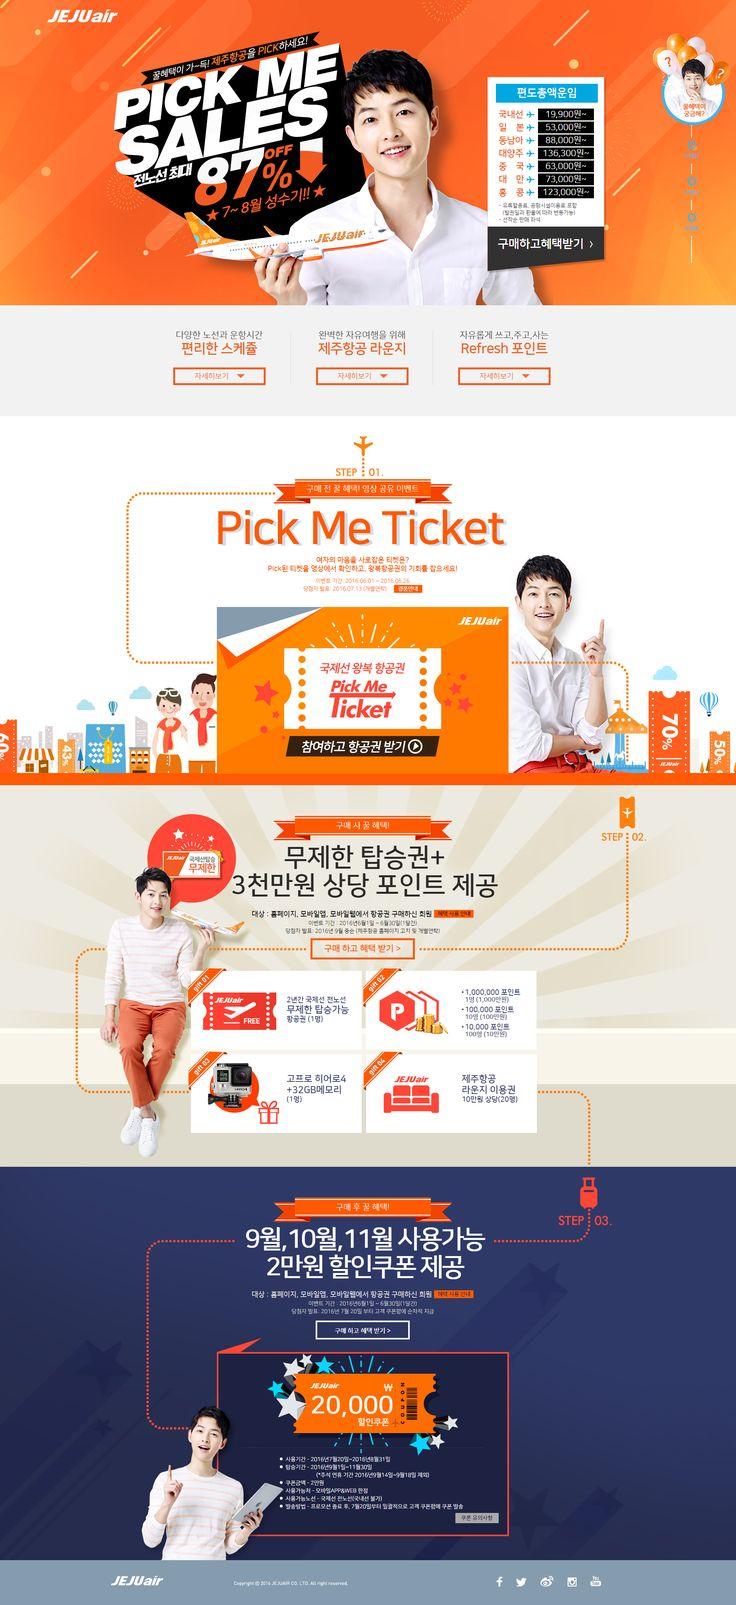 제주항공 - Pick me sales